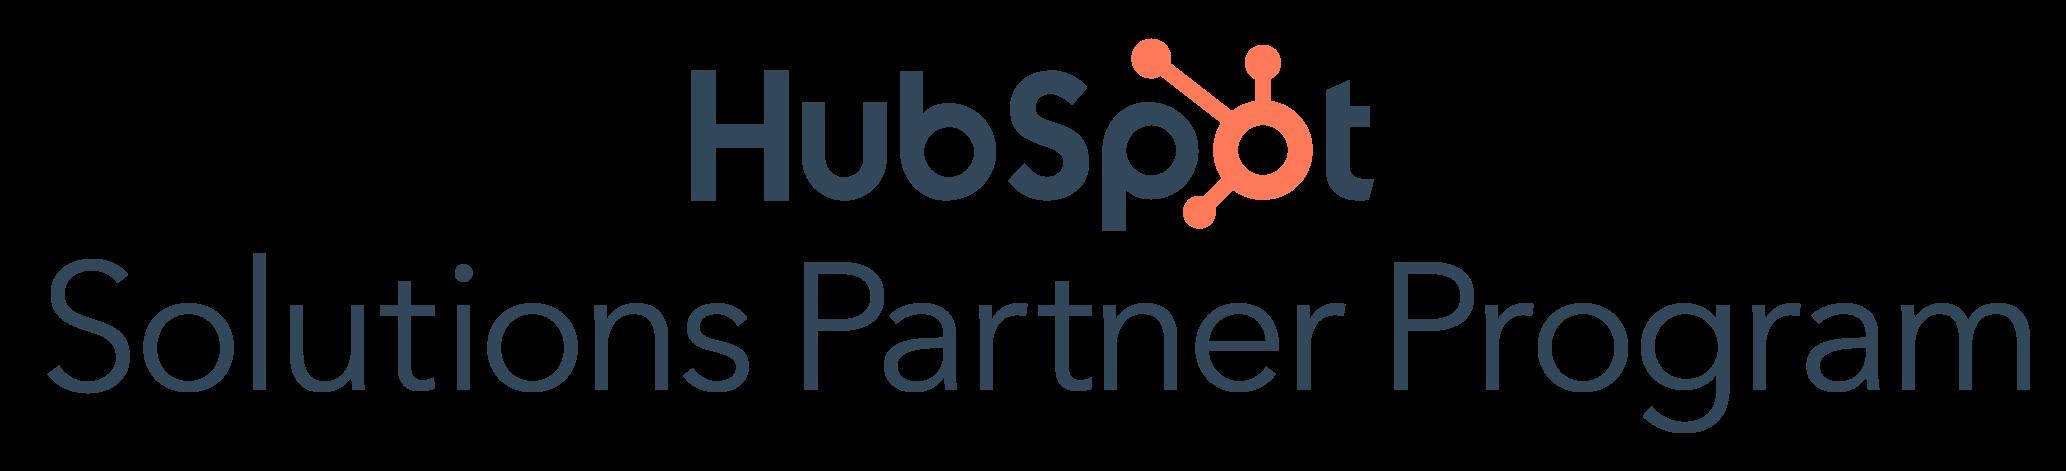 HubSpot Solution Partner Program